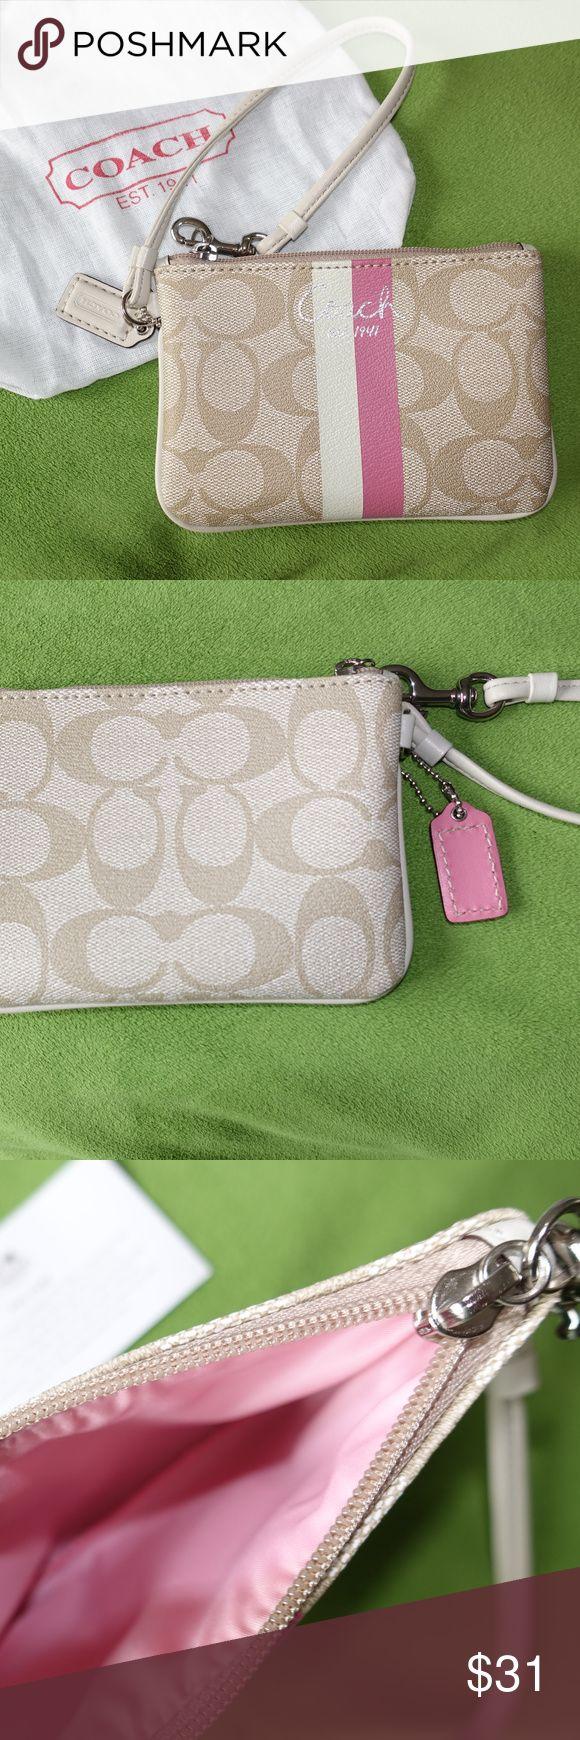 Coach Wristlet Coach Wristlet PVC.  Sweet colors.  Excellent condition. Coach Bags Clutches & Wristlets